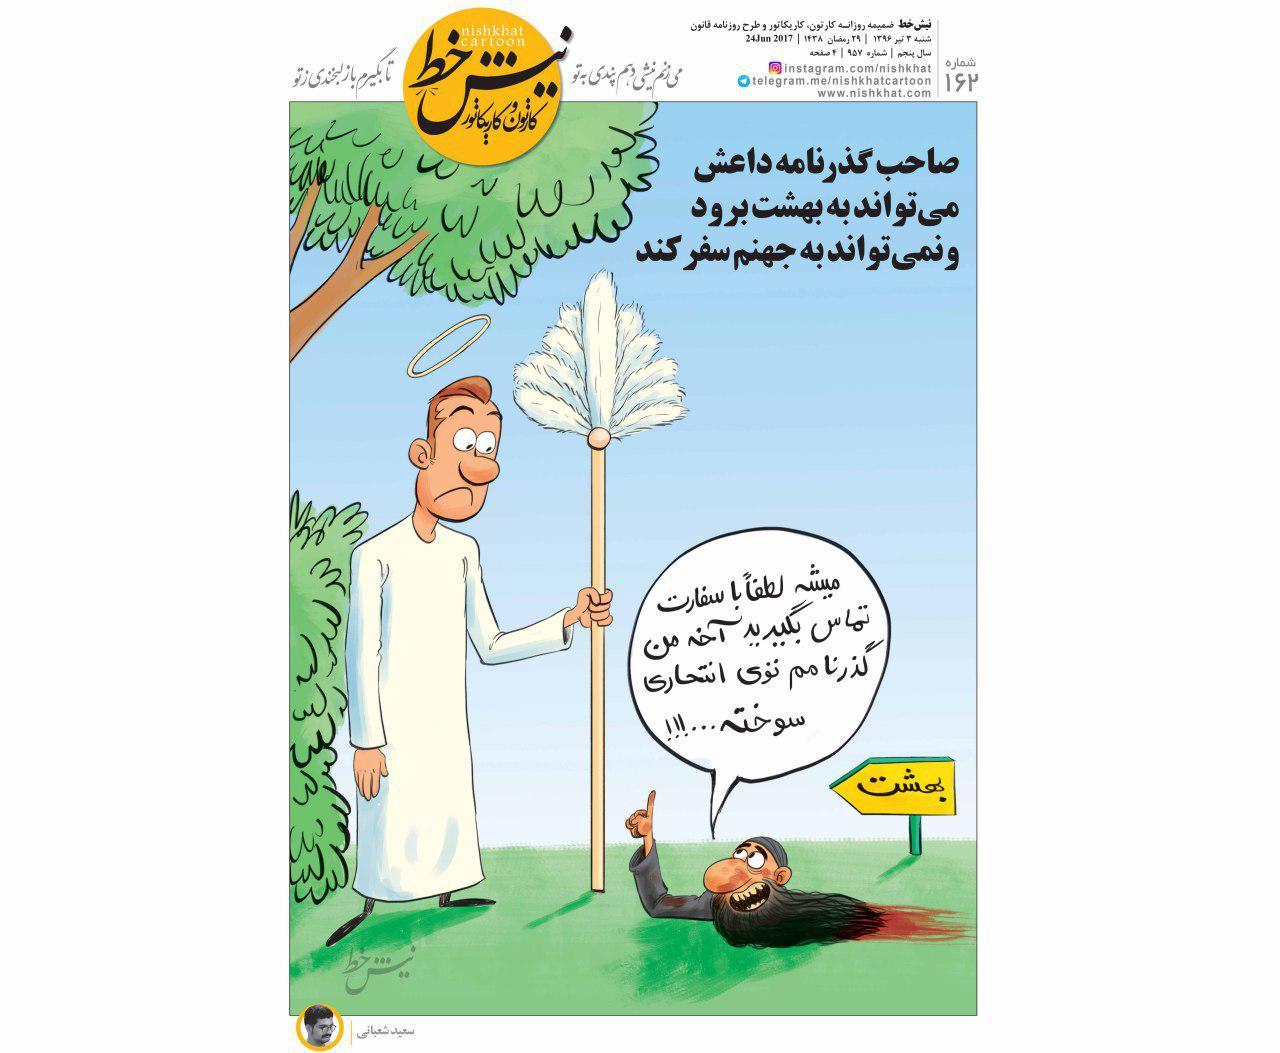 نیشخط کارتون/ صاحب گذرنامه داعش می تواند به بهشت برود...